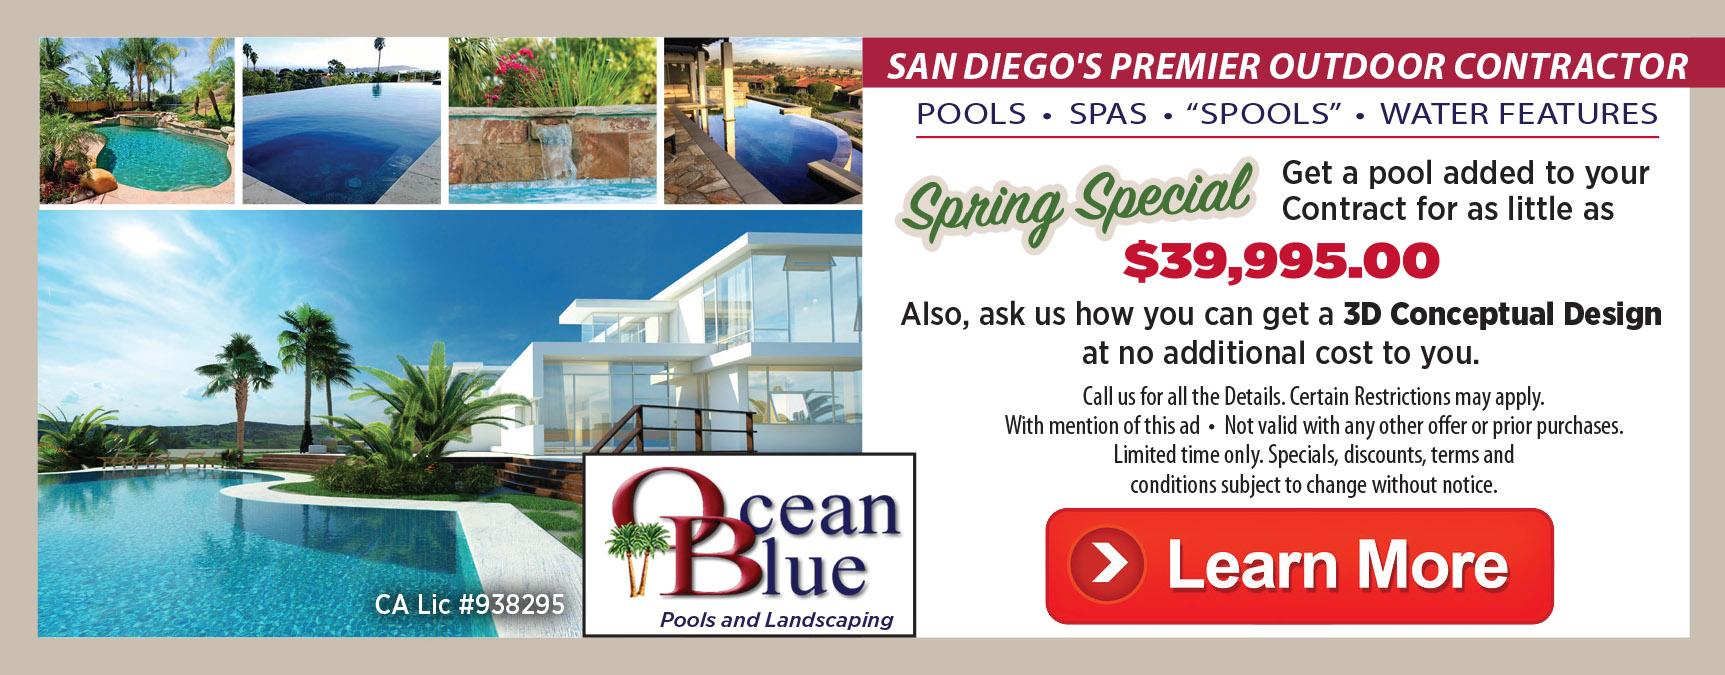 Ocean Blue Pools_Offer_Reg_05-18.jpg